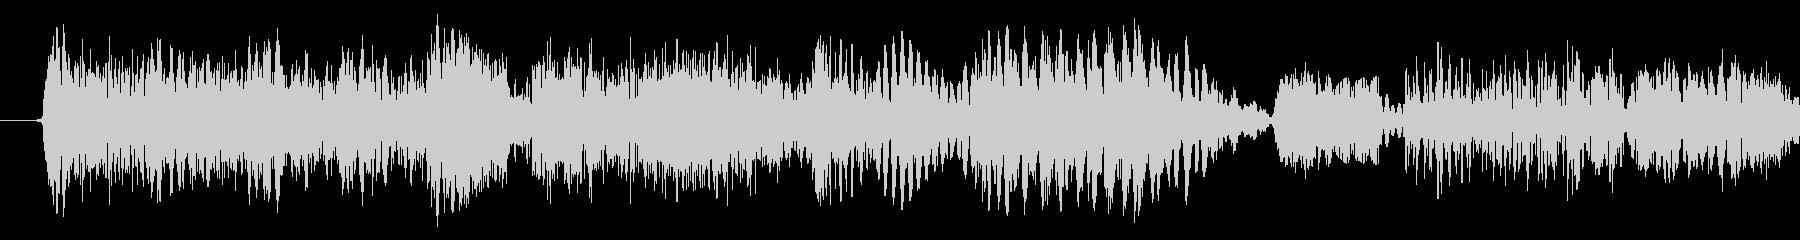 スイッチストップの未再生の波形